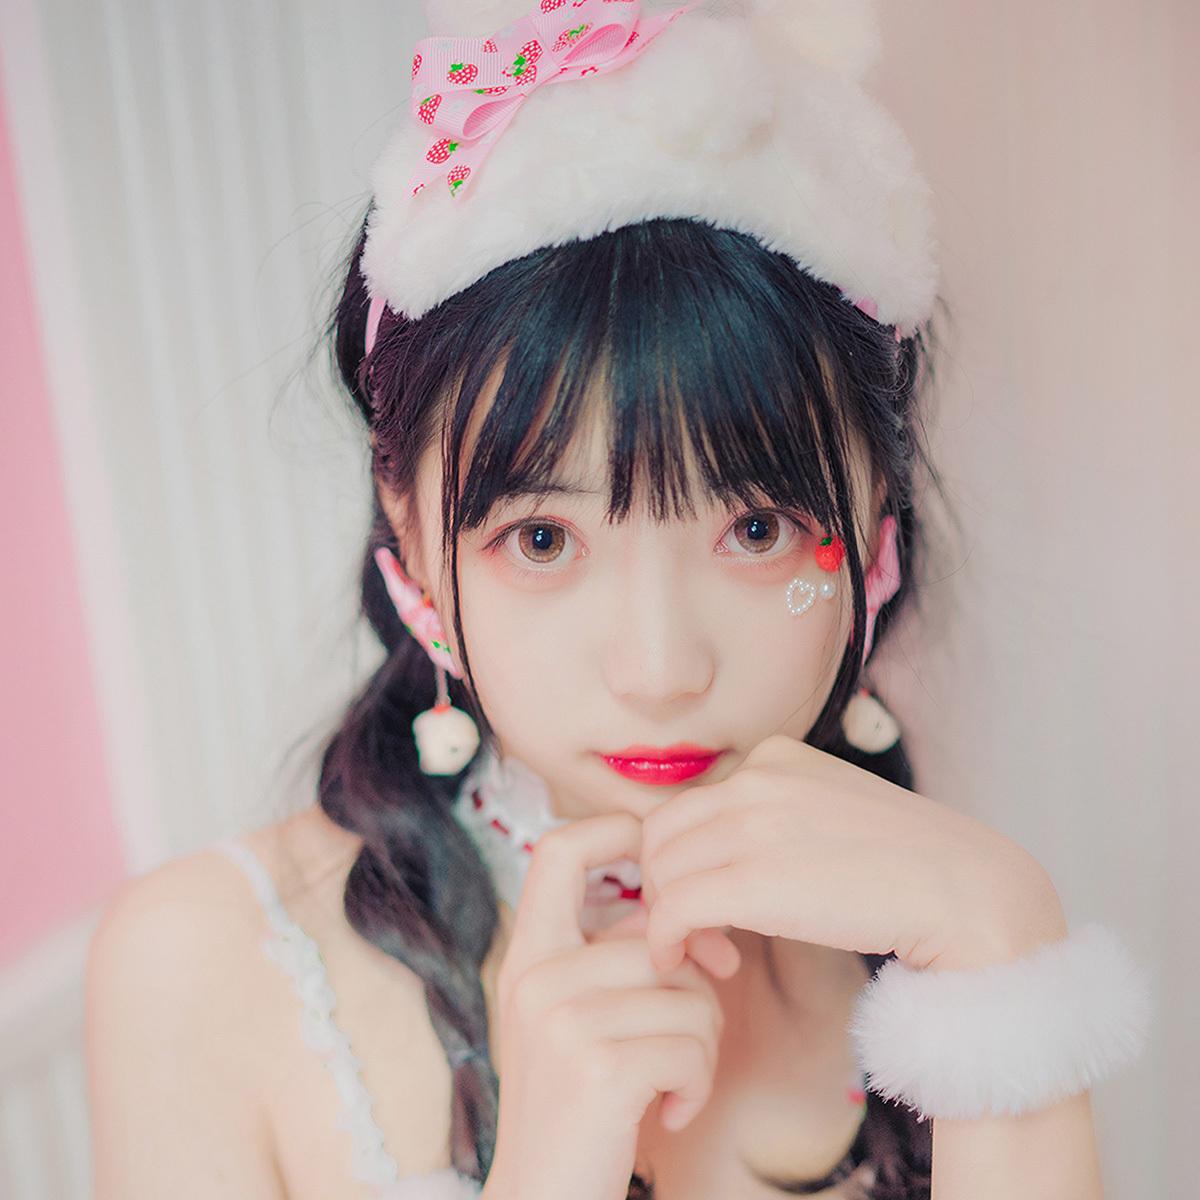 [风之领域] NO.137 草莓内衣